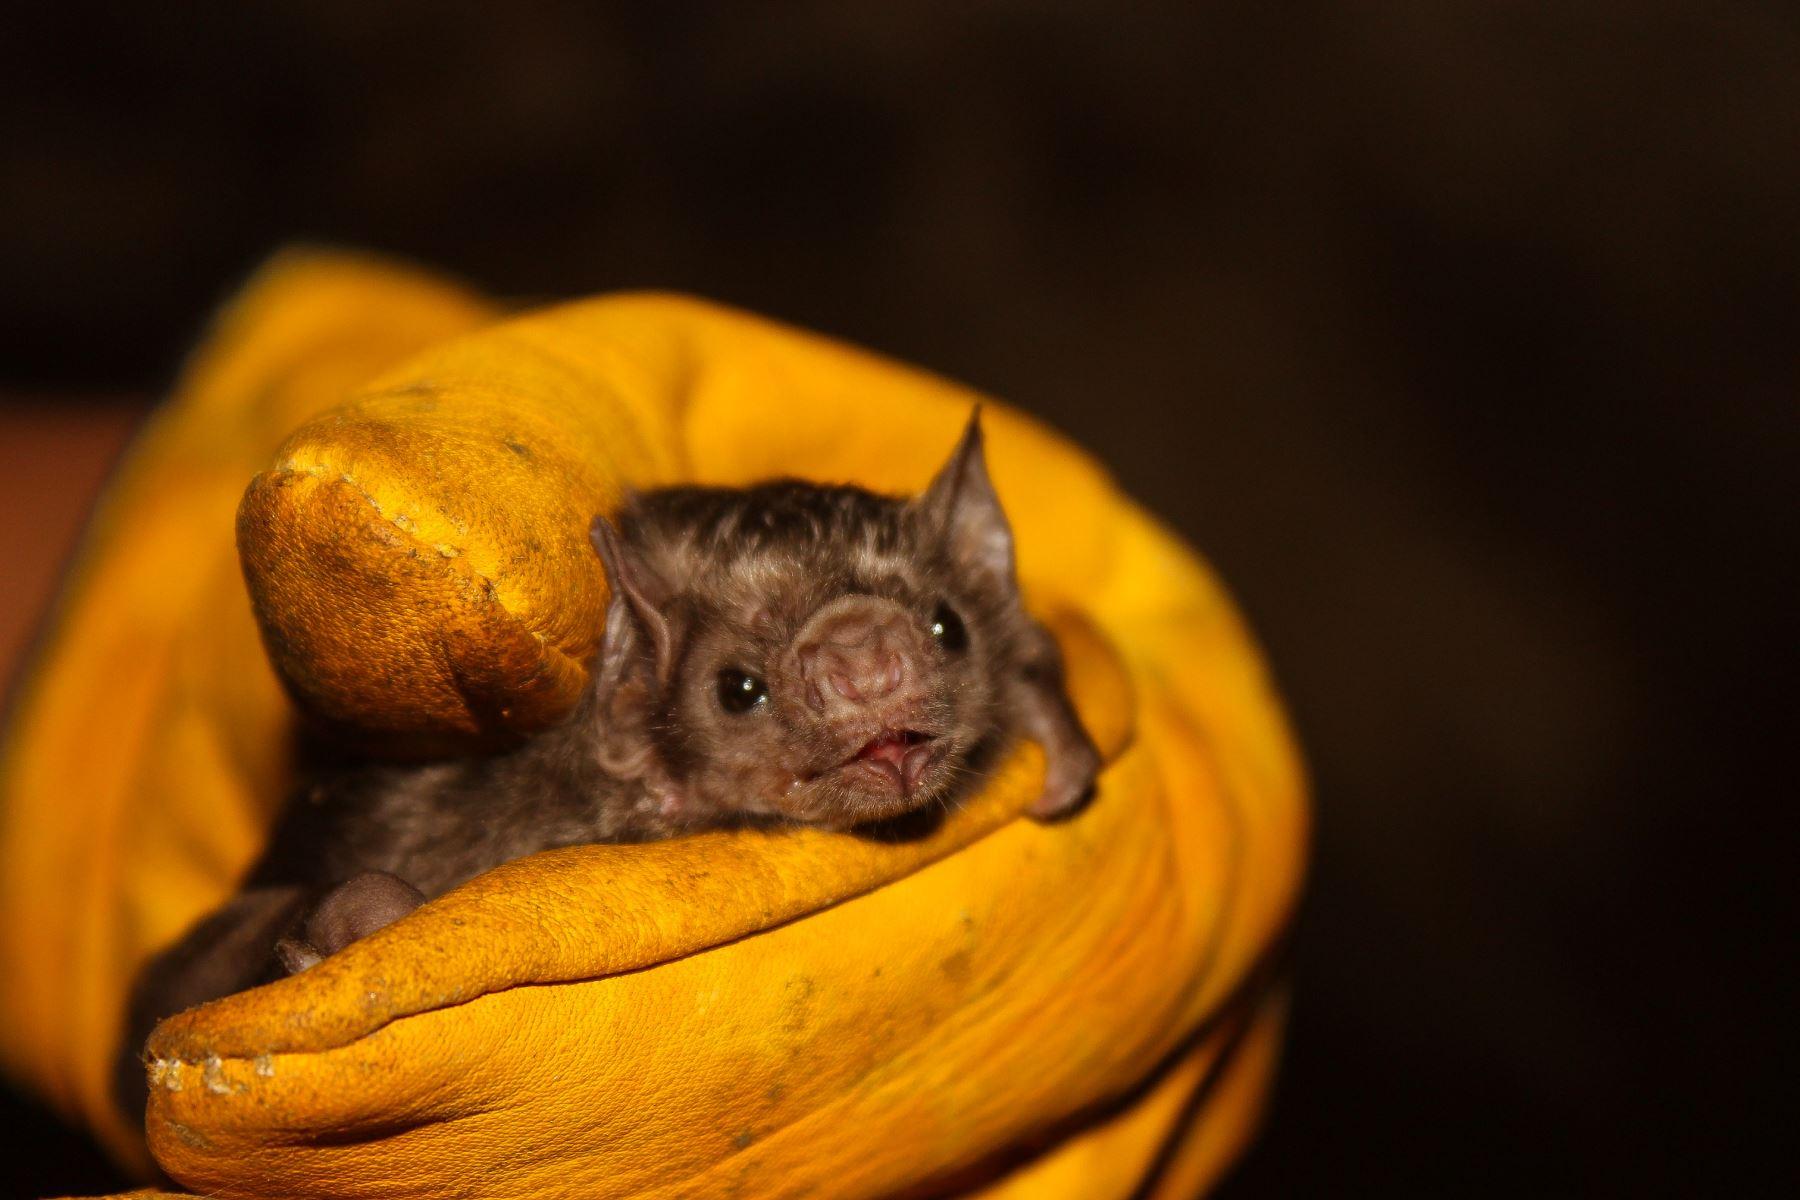 La pandemia del coronavius ha generado un temor infundado hacia los murciélagos, al considerarlos como vector de esta y otras enfermedades y, por lo tanto, una amenaza para los humanos. Sin embargo, lo cierto es que estos animales brindan muchos beneficios al equilibrio ecológico, precisó el Servicio Nacional Forestal y de Fauna Silvestre (Serfor). ANDINA/Difusión